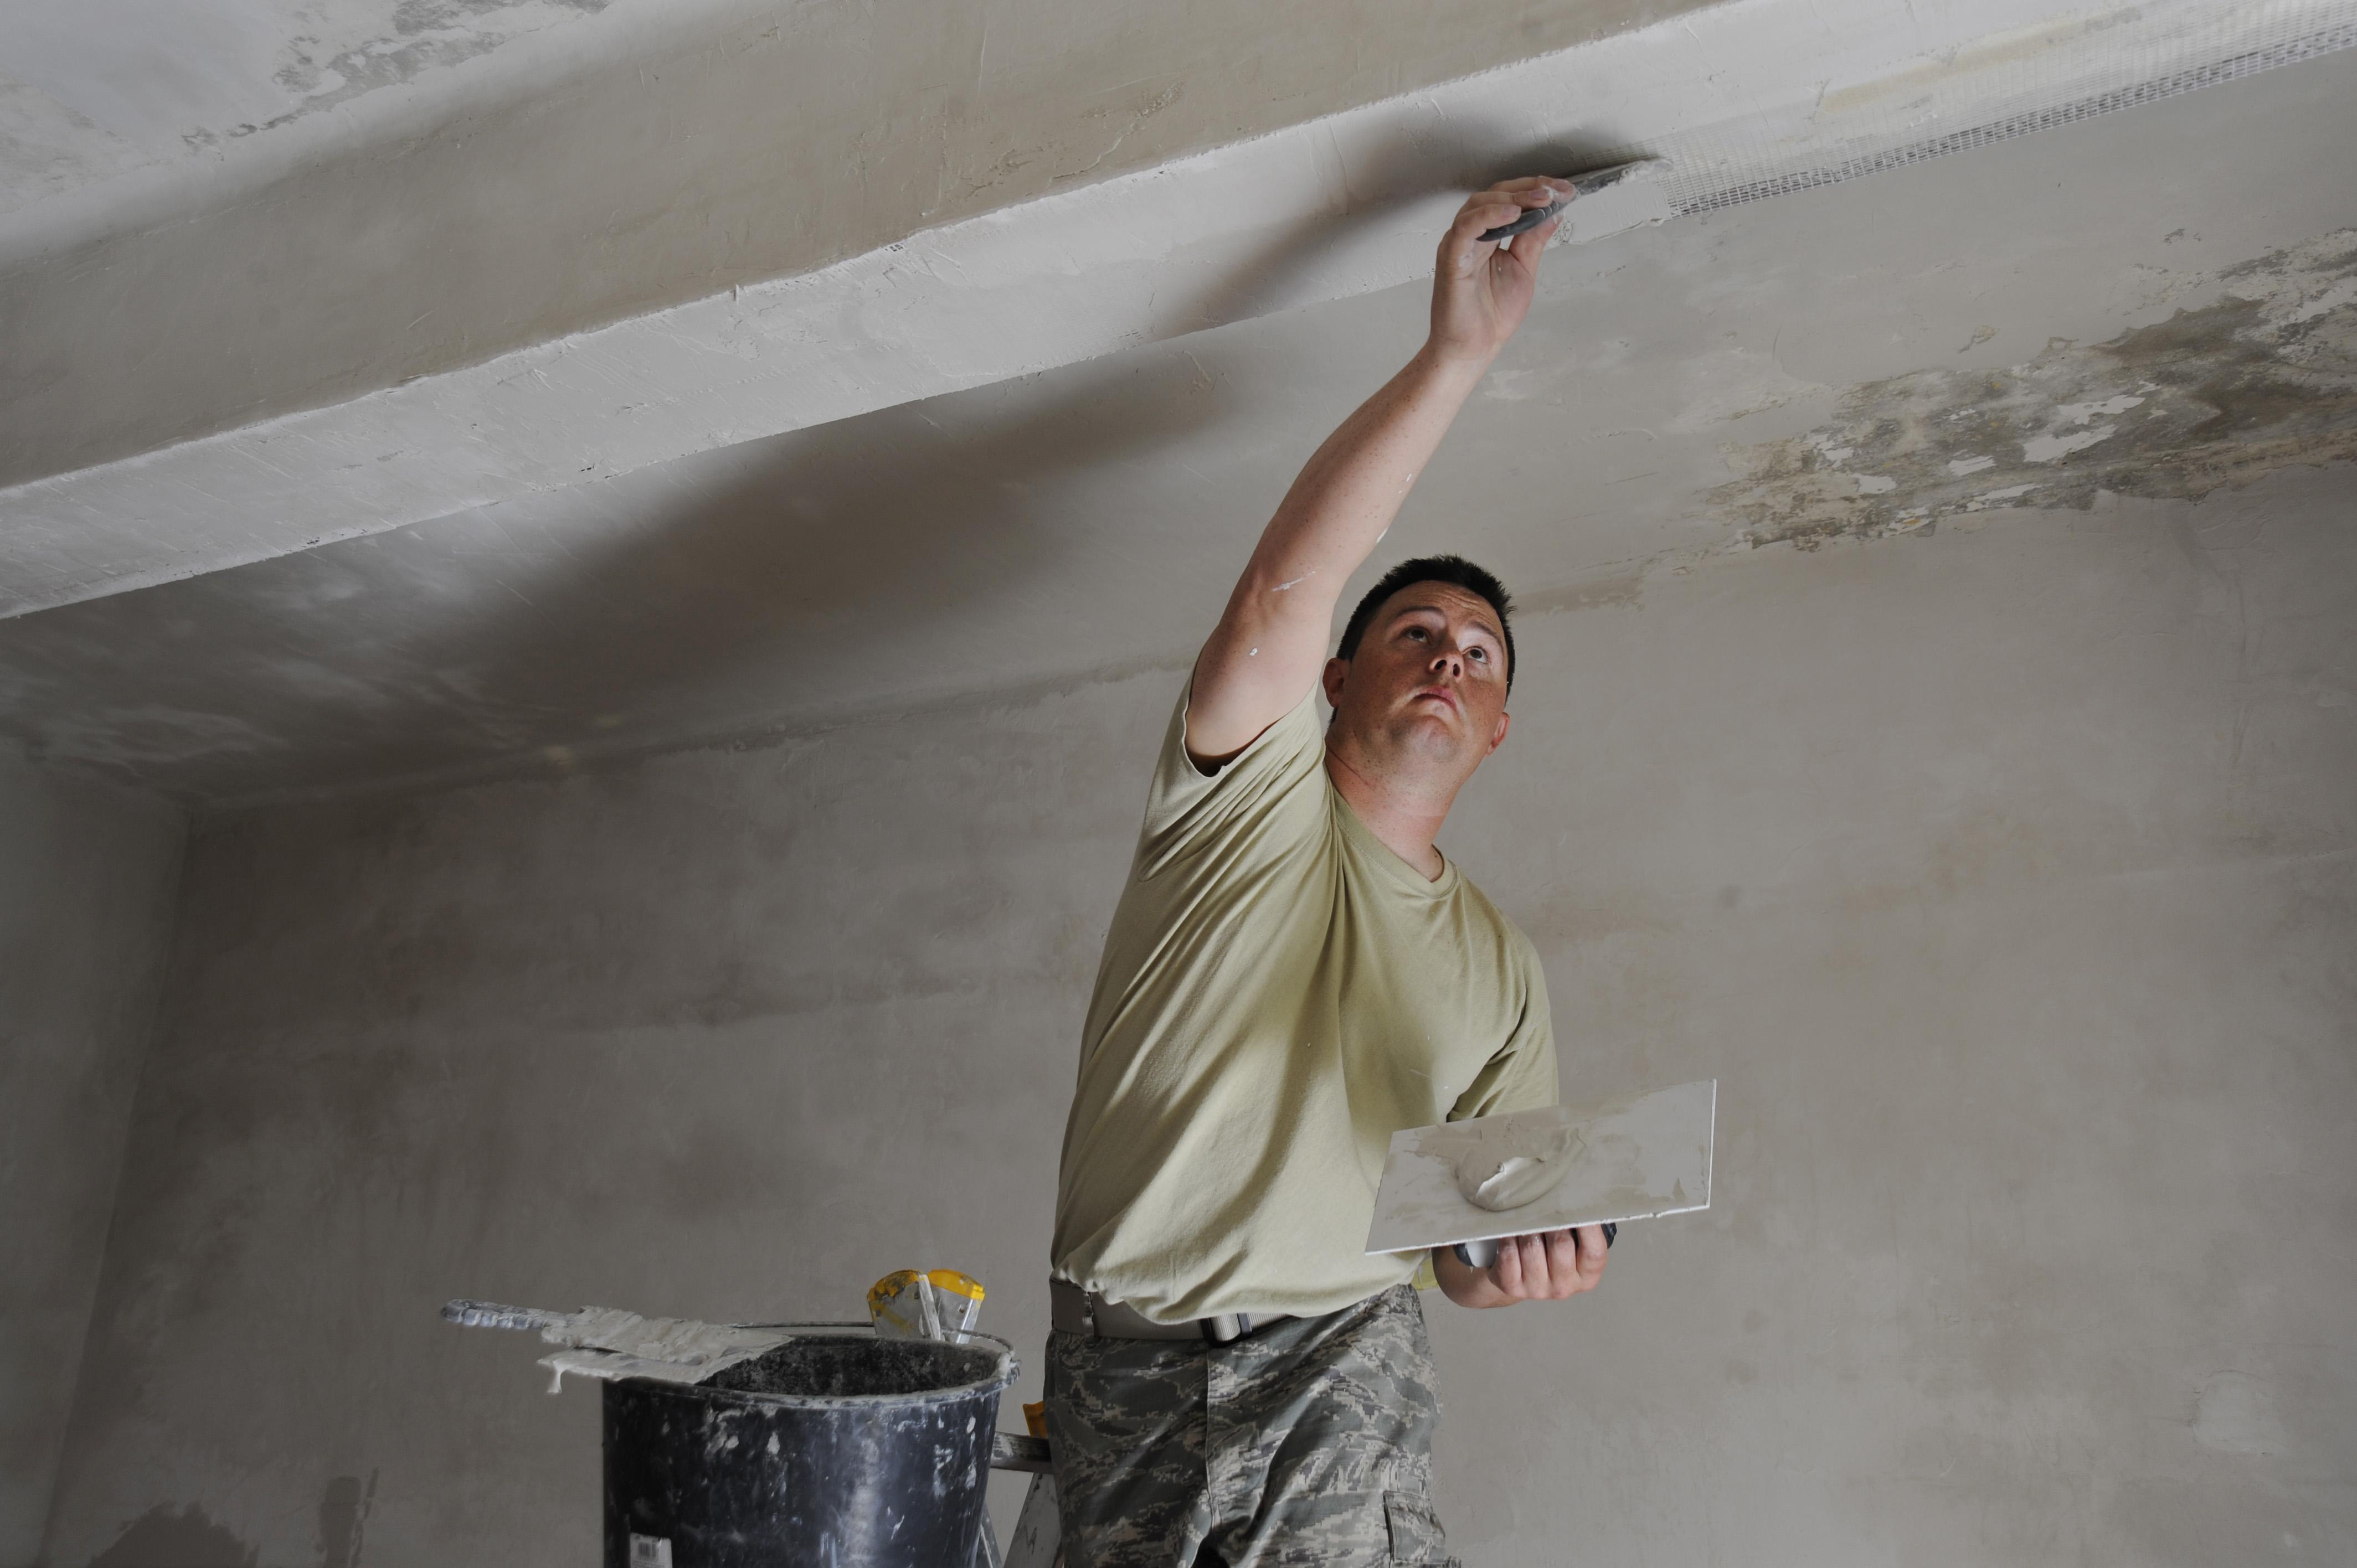 Шпаклевка для швов на потолке